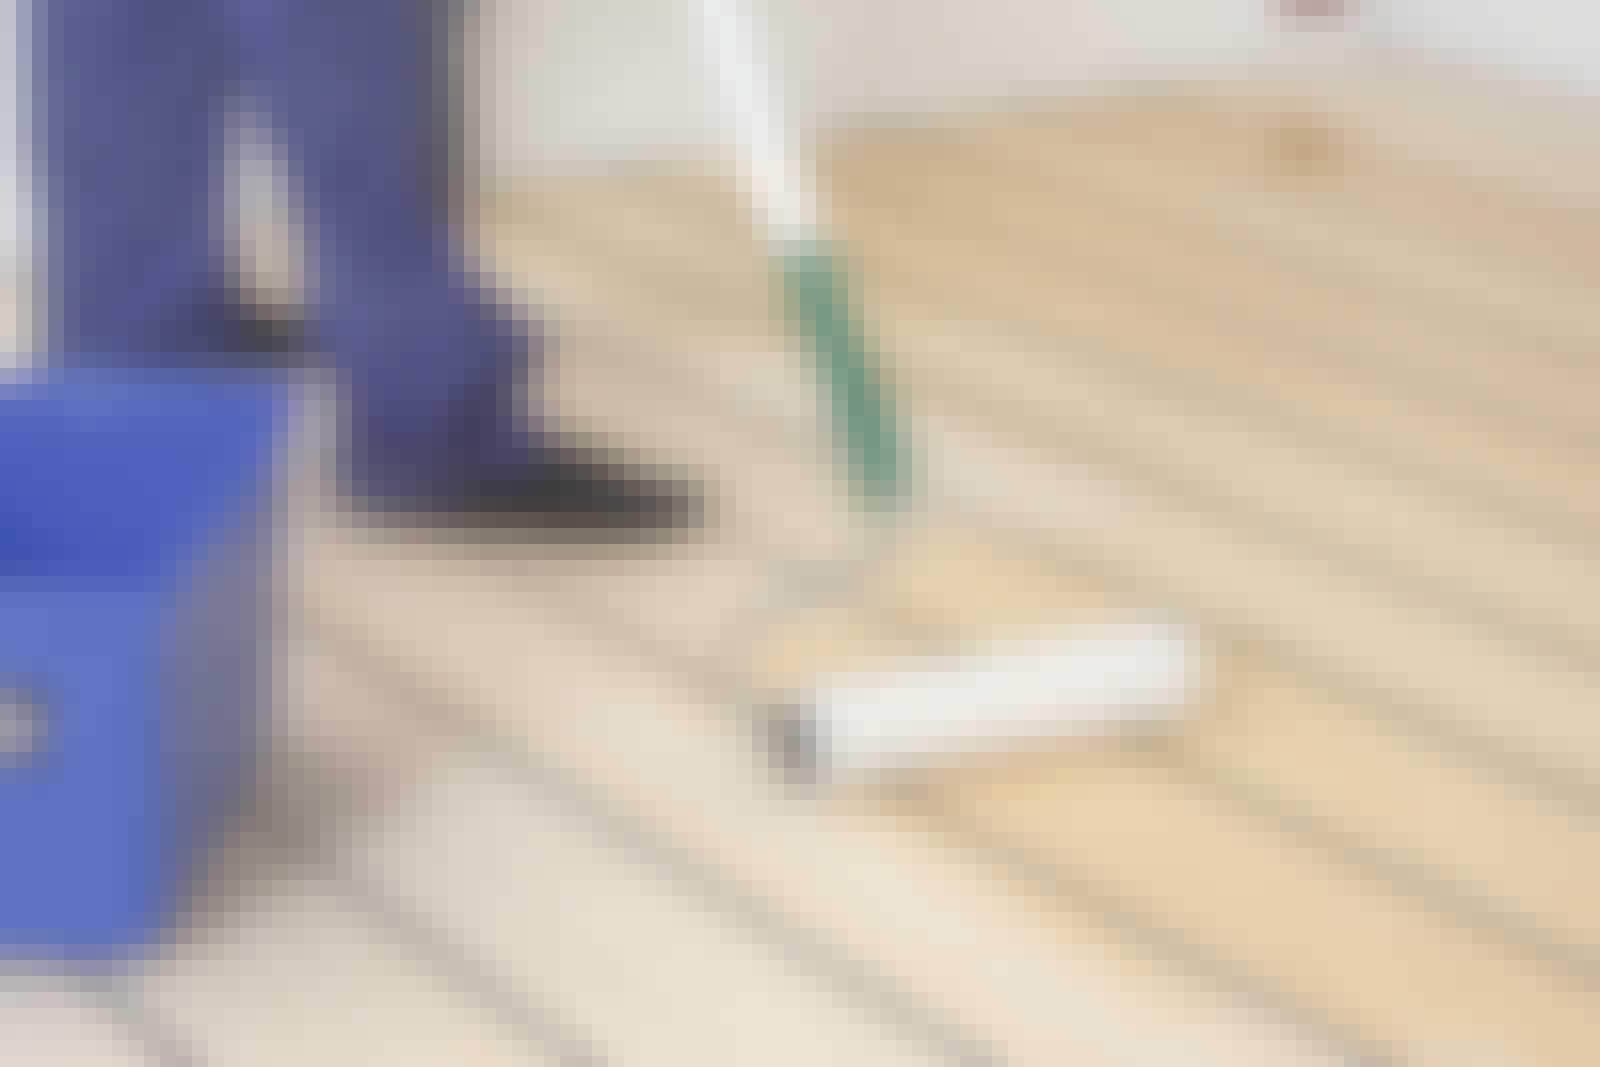 Gulvlak: Selve påføringen af lakken kan udføres med enten en gulvlakpensel eller en kortluvet rulle.